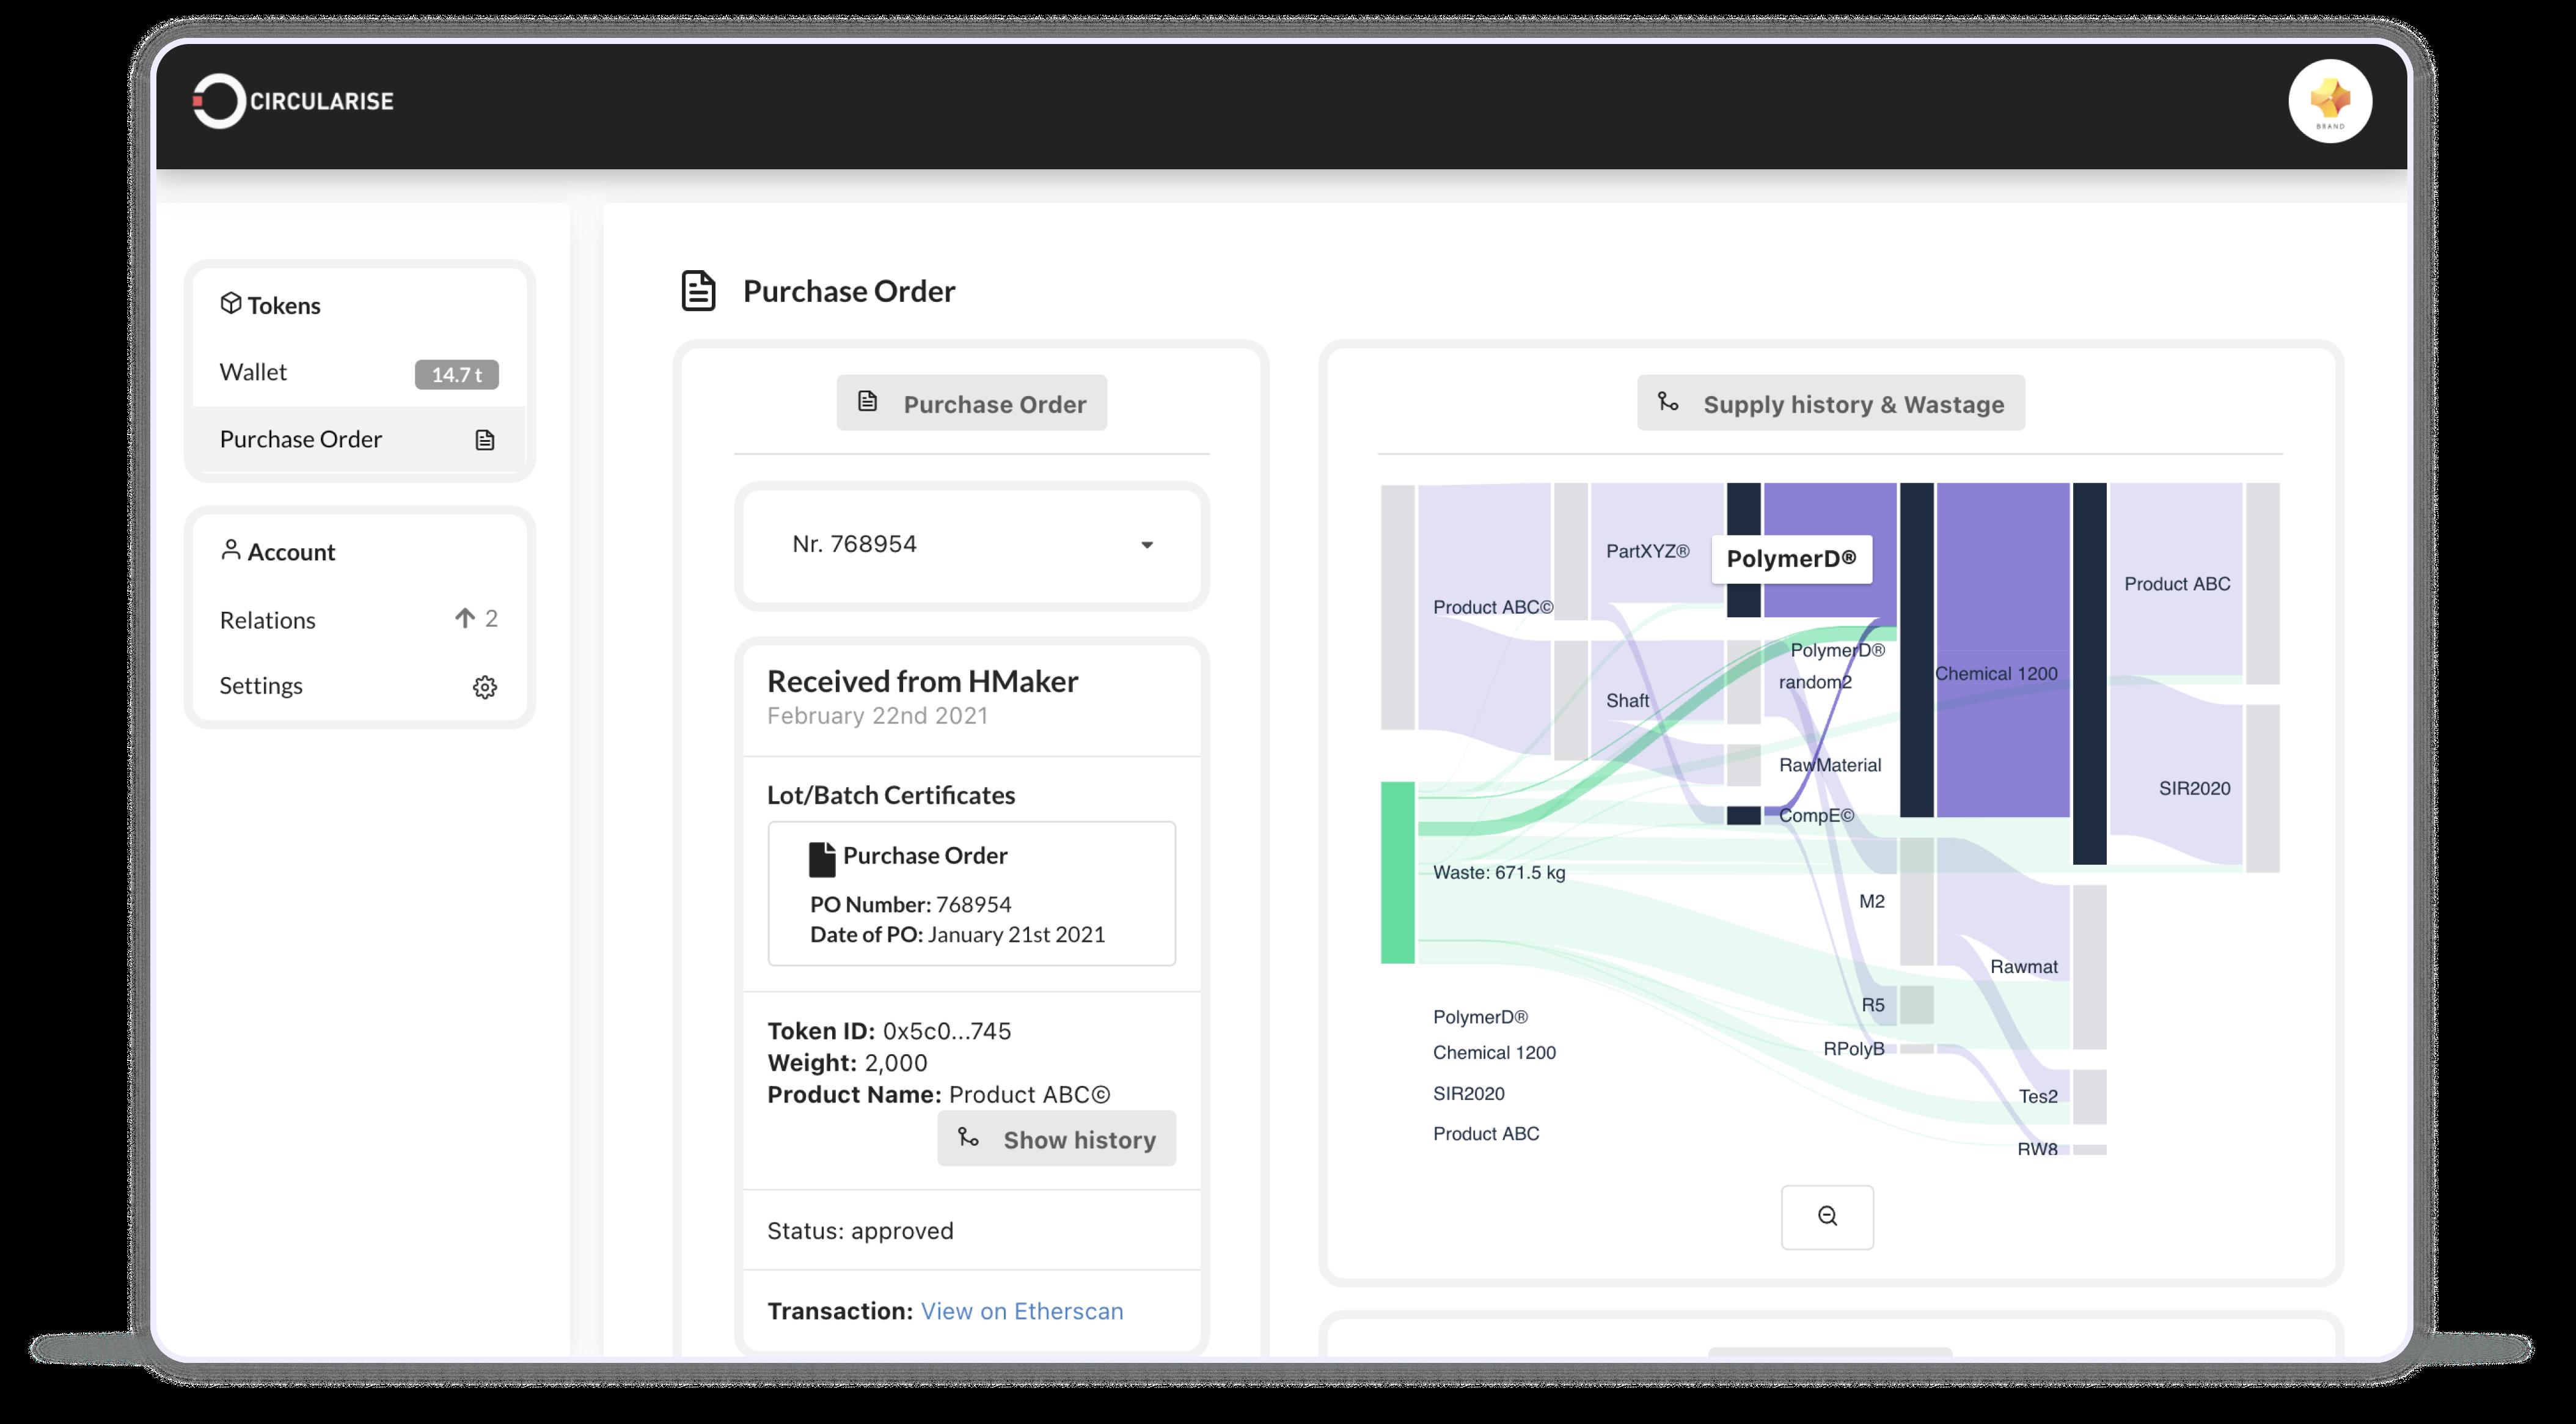 Circularise Dashboard screenshot (bill of material)